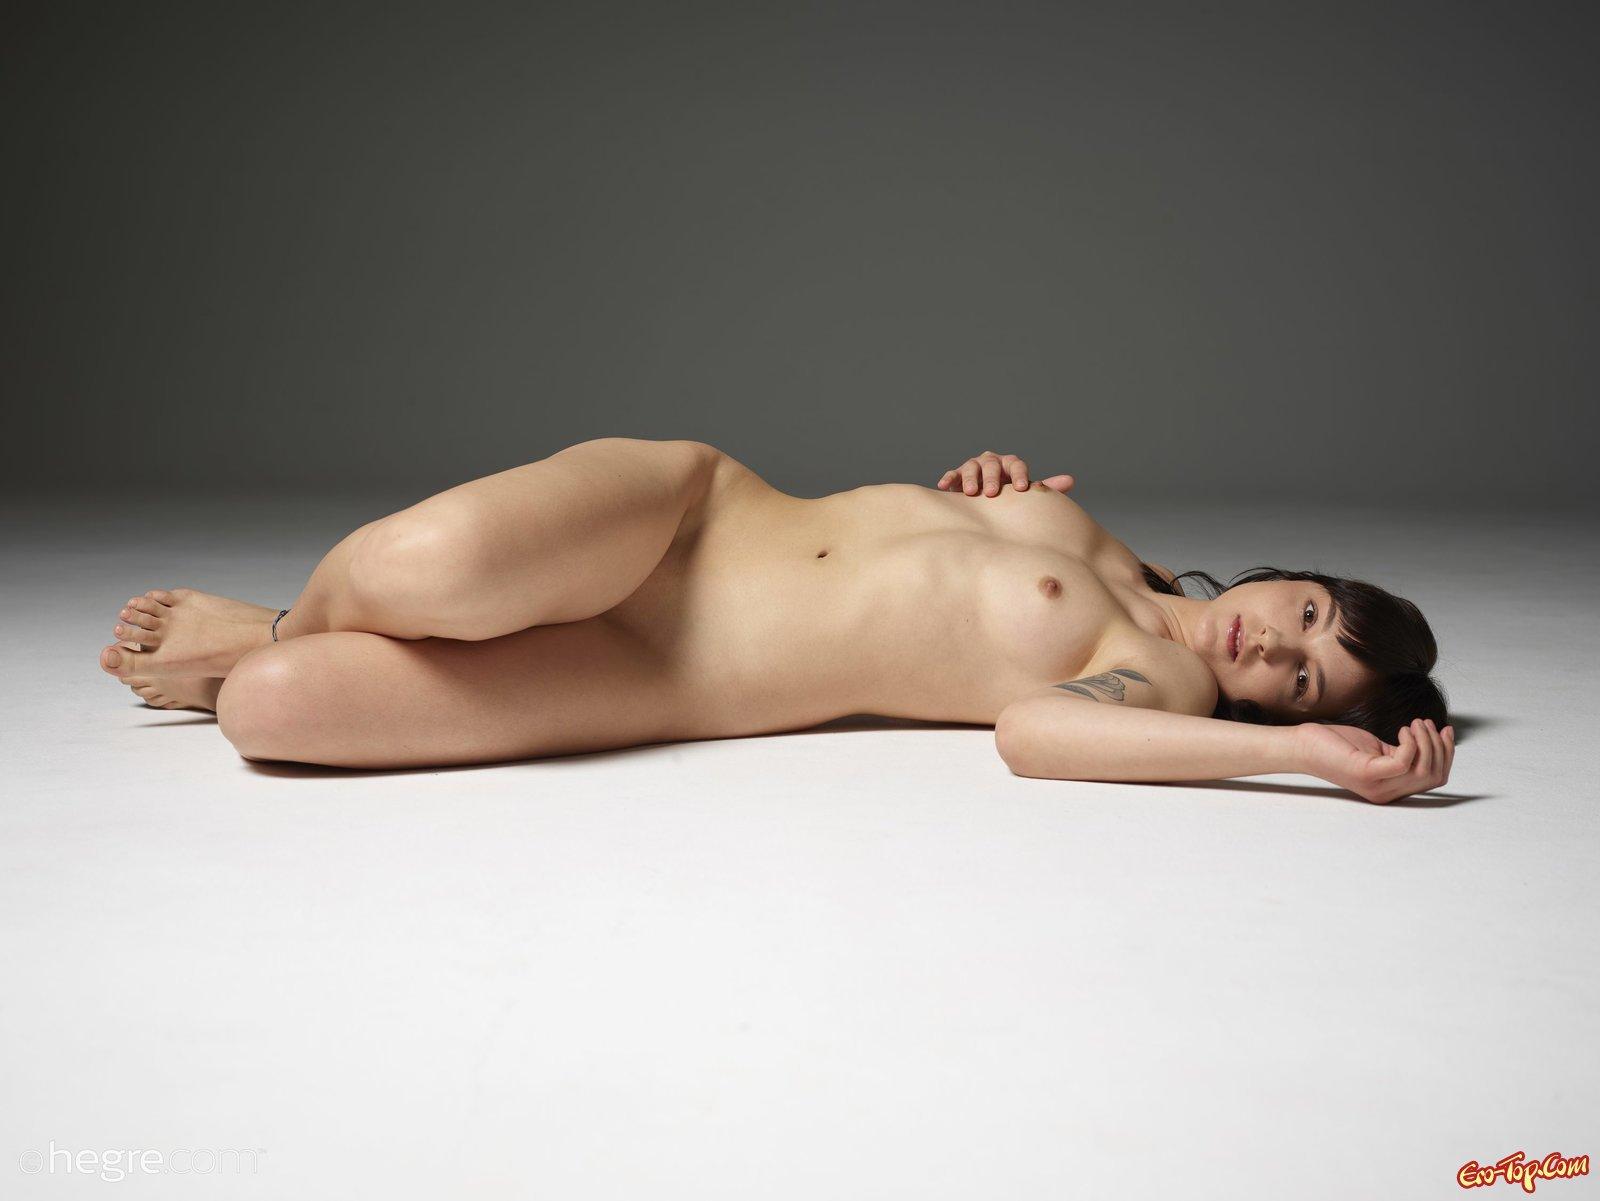 Сняв халатик скромная сучка красуется на полу